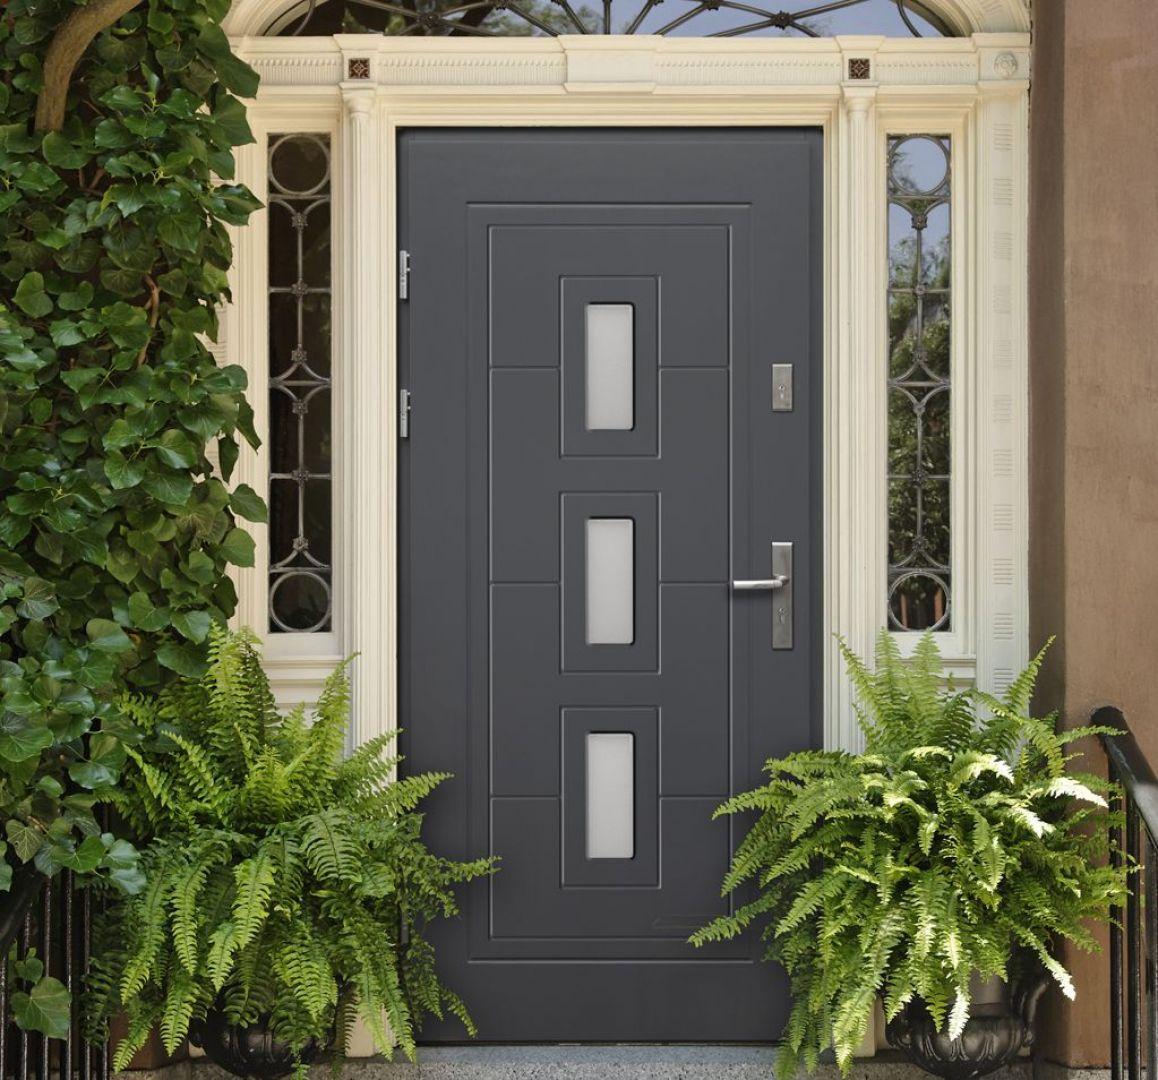 Drewniane drzwi wejściowe Termopanel  model Klaudiusz. Fot. 4iQ